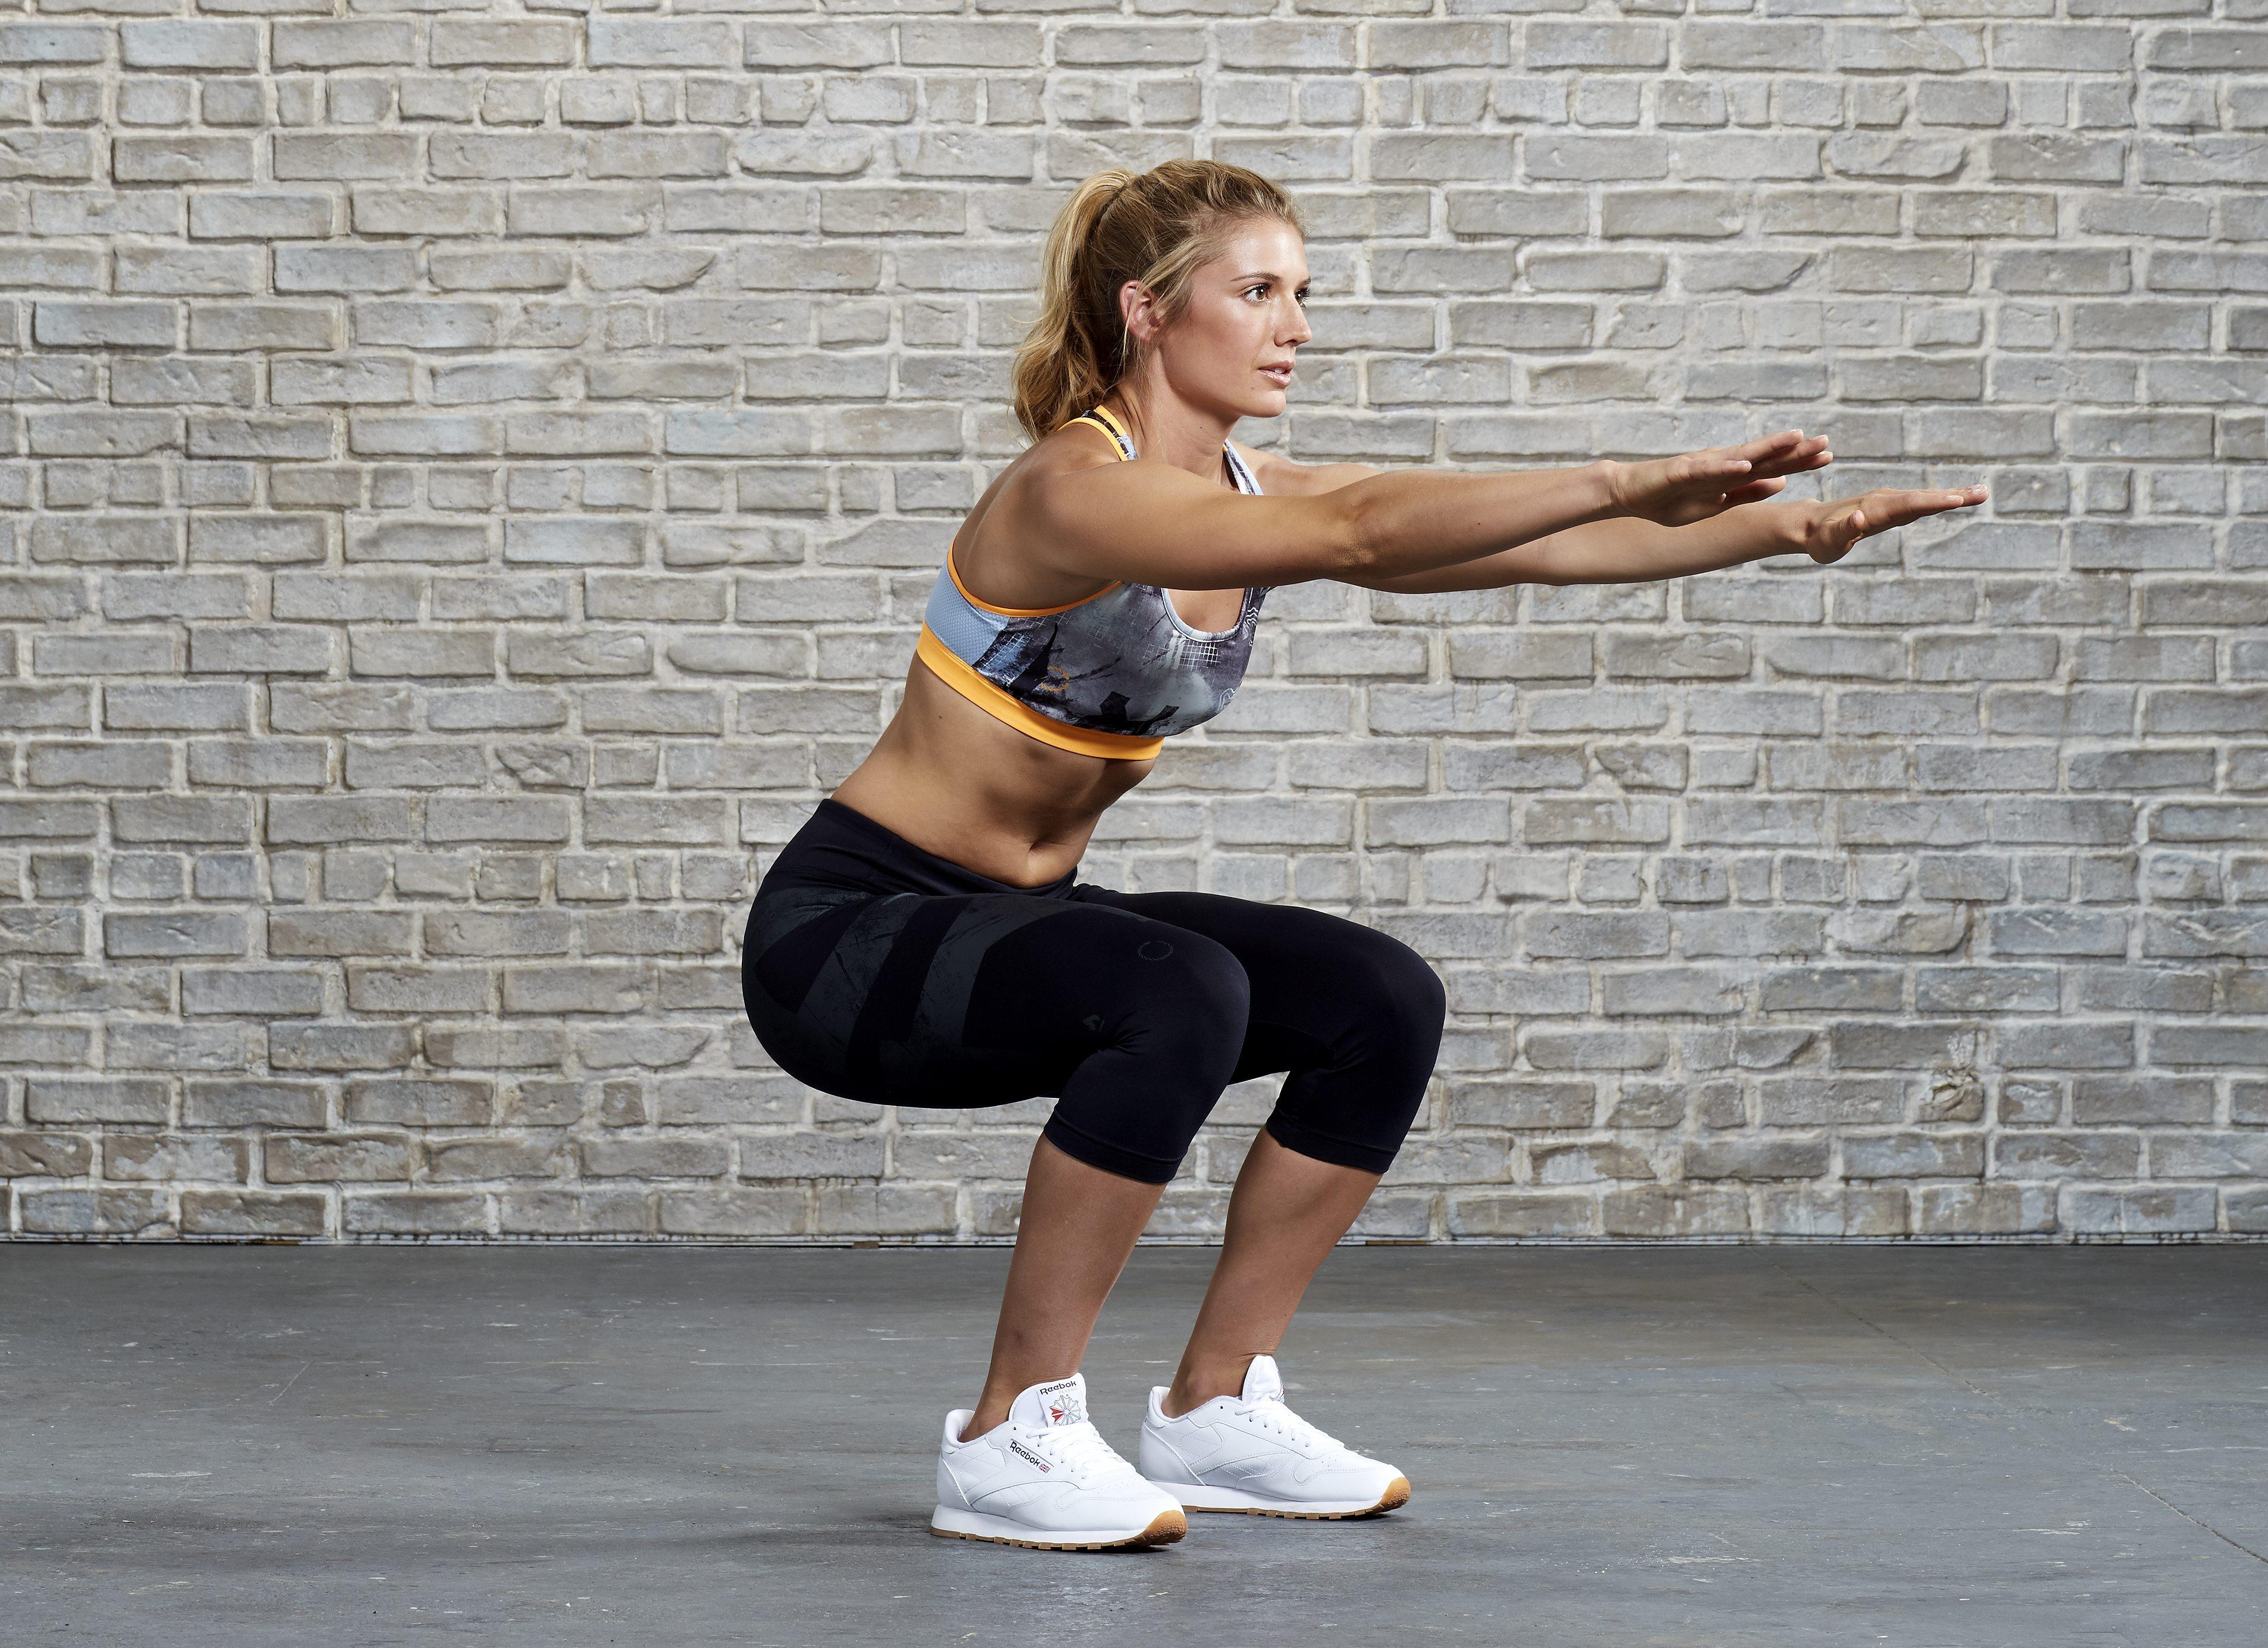 Evden Çıkmadan Yapılabilecek Spor Egzersizleri